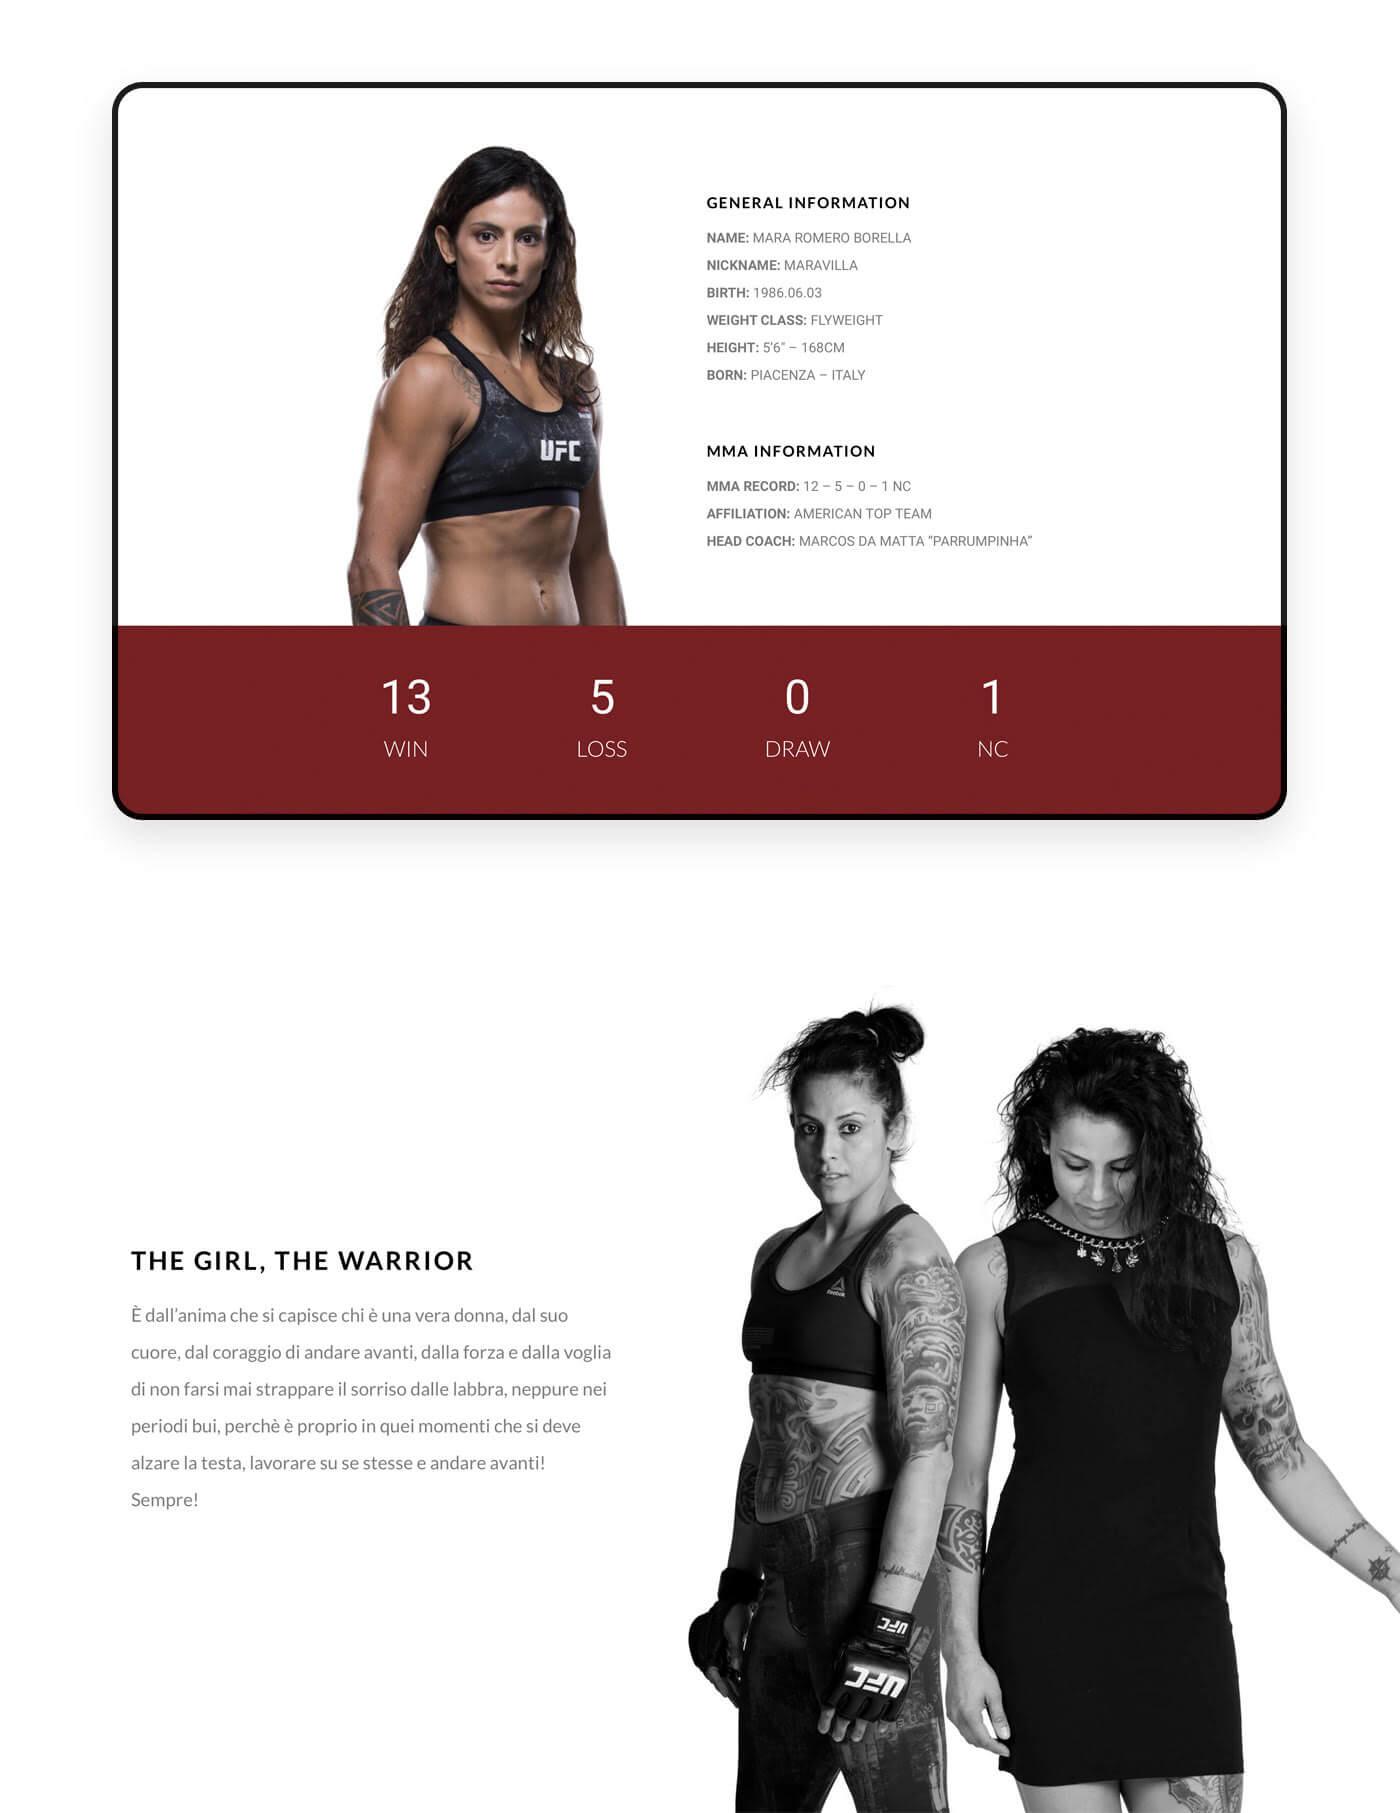 Mara MMA informazioni e record